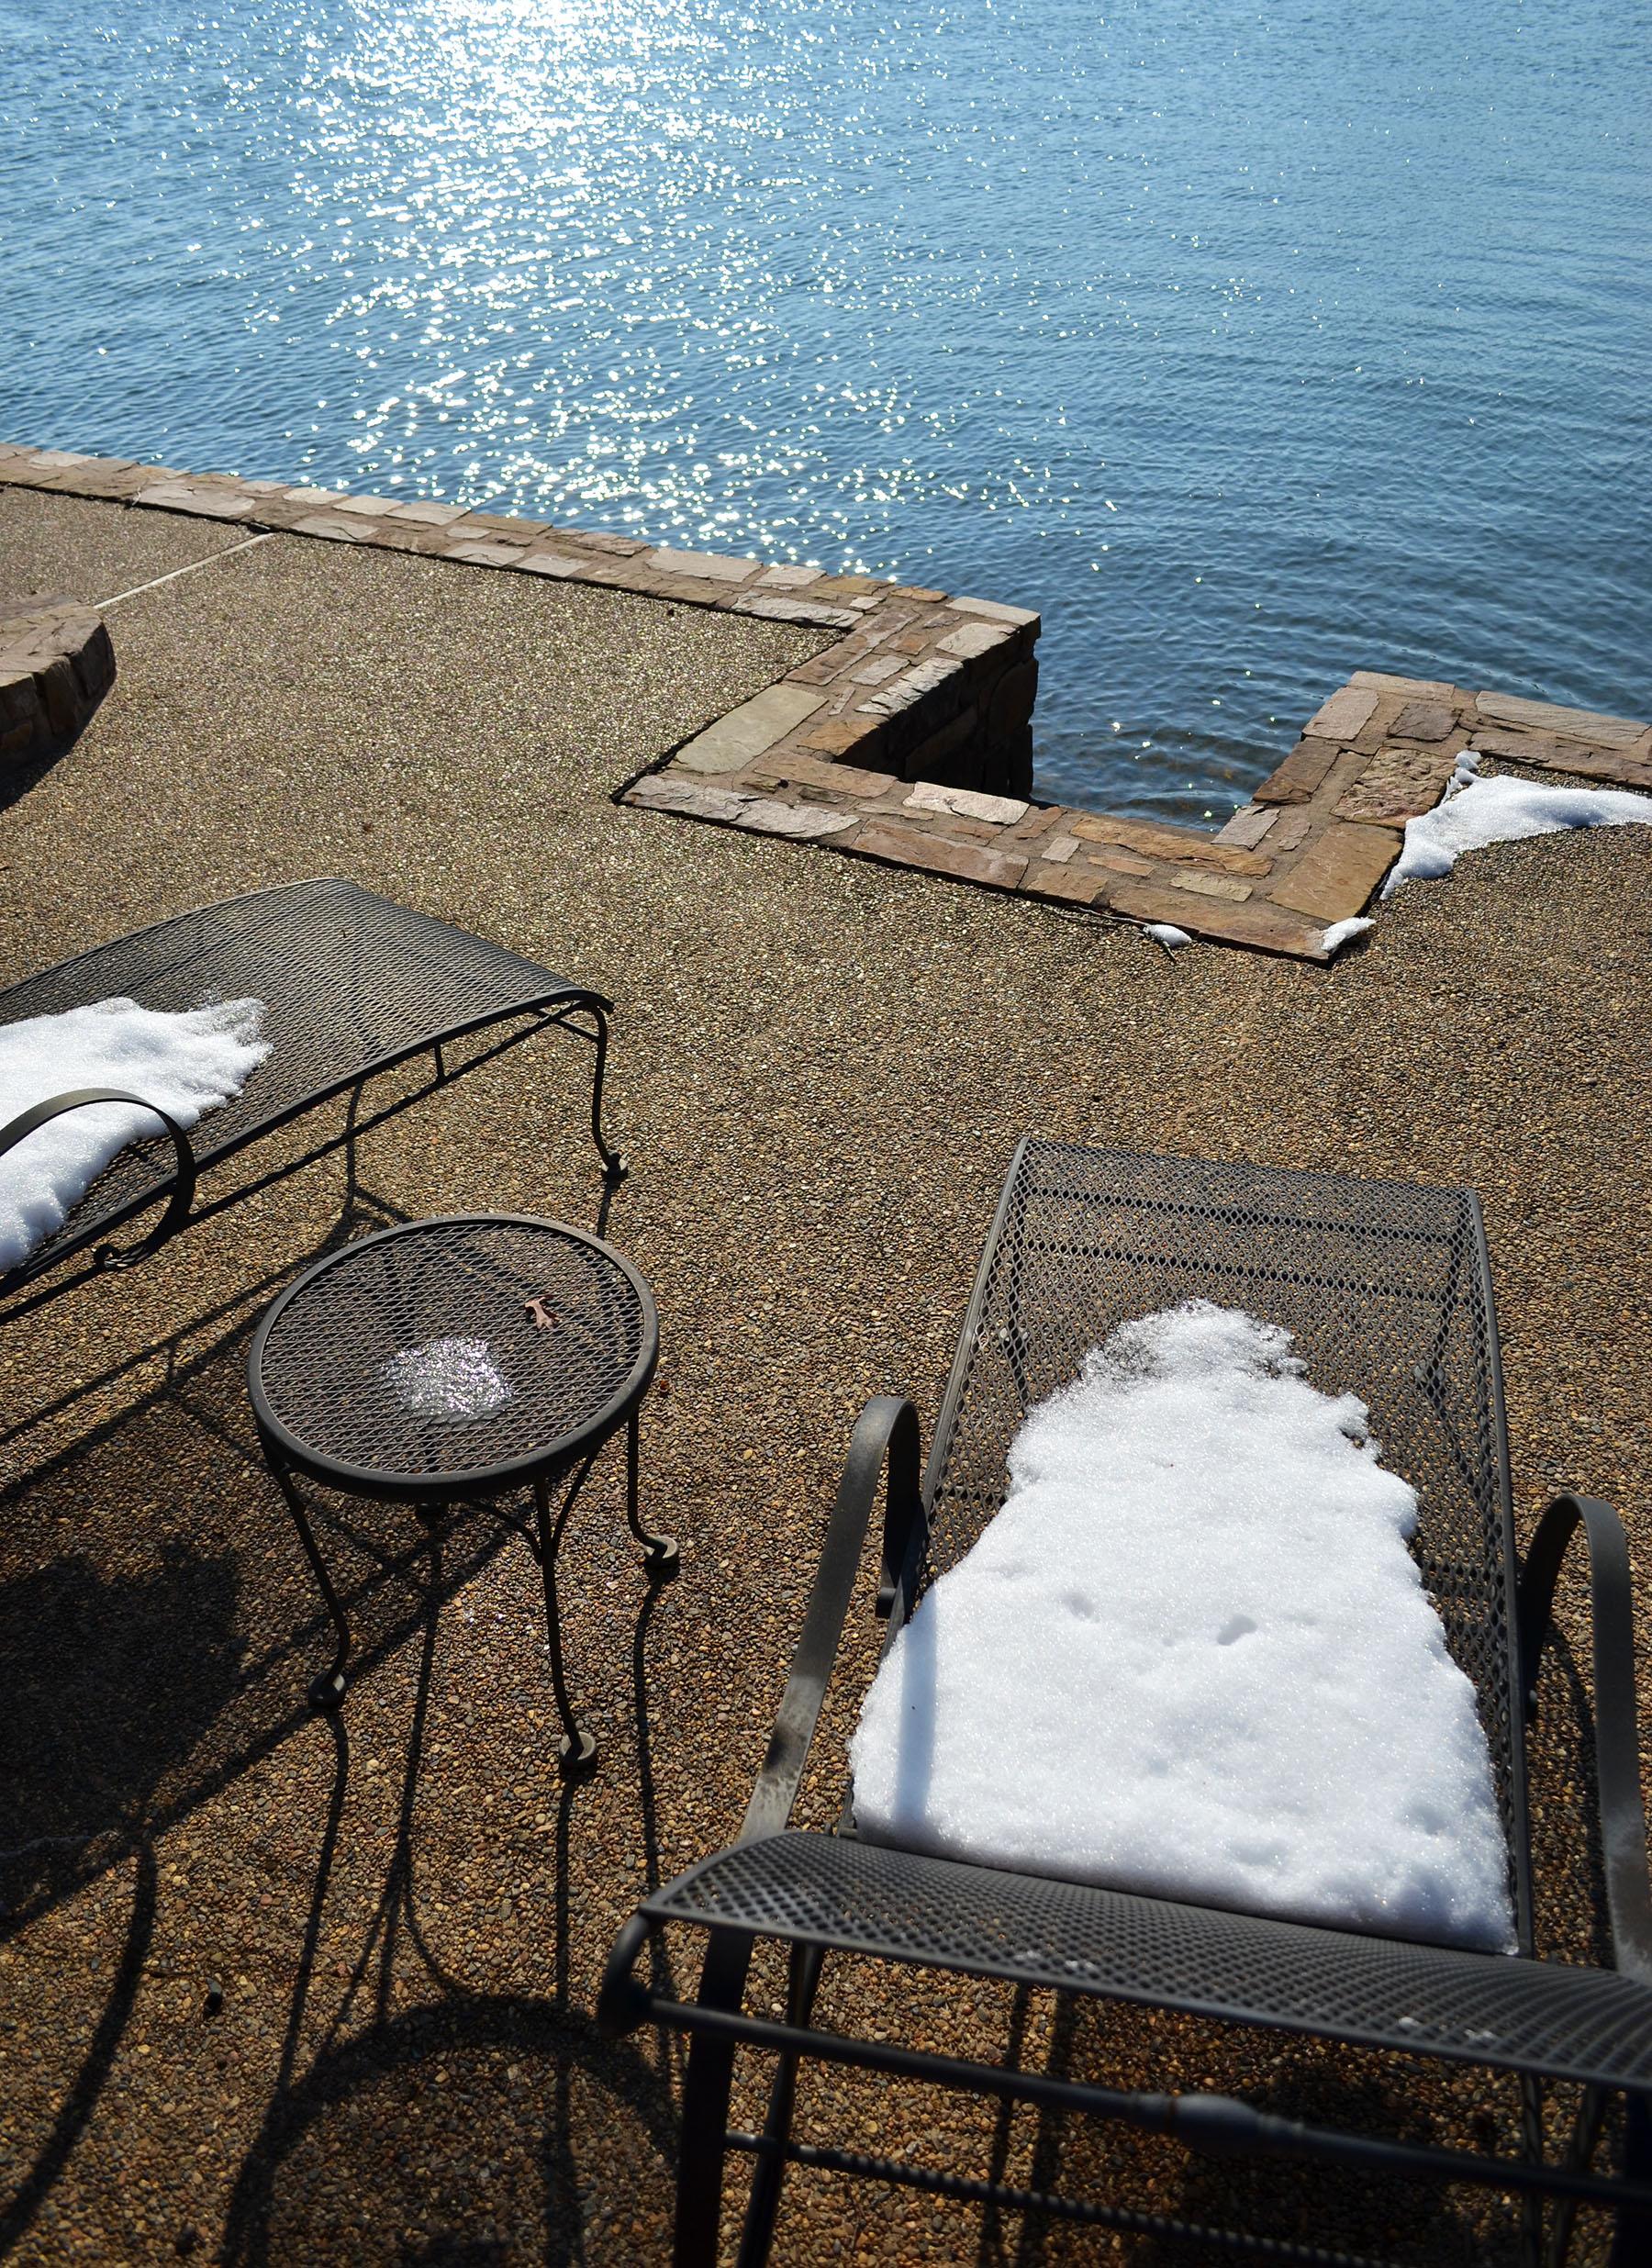 Anyone up for sunbathing?